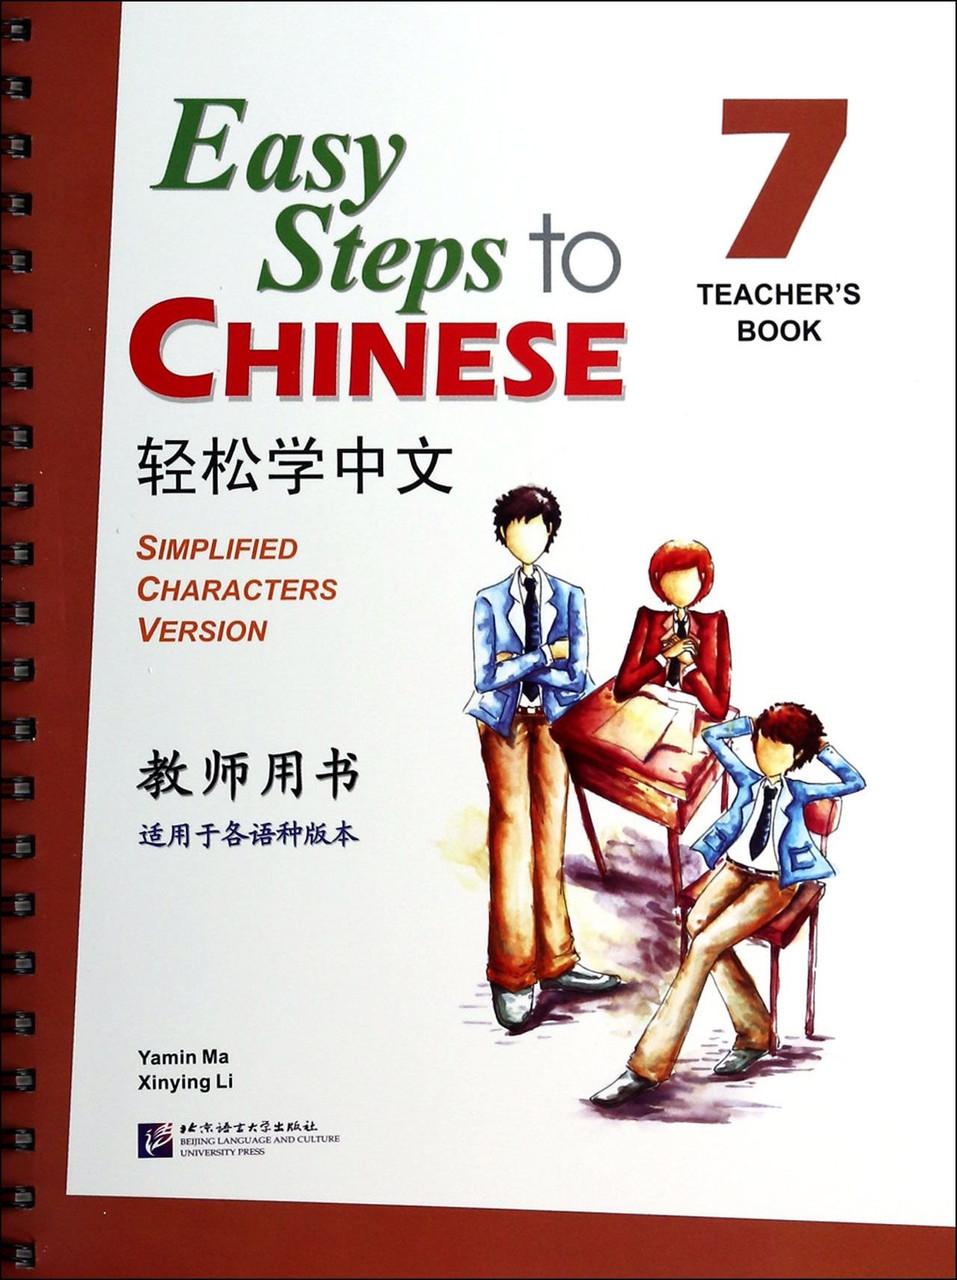 Easy Steps to Chinese. Том 7. Пособие для преподавателей (английское издание)